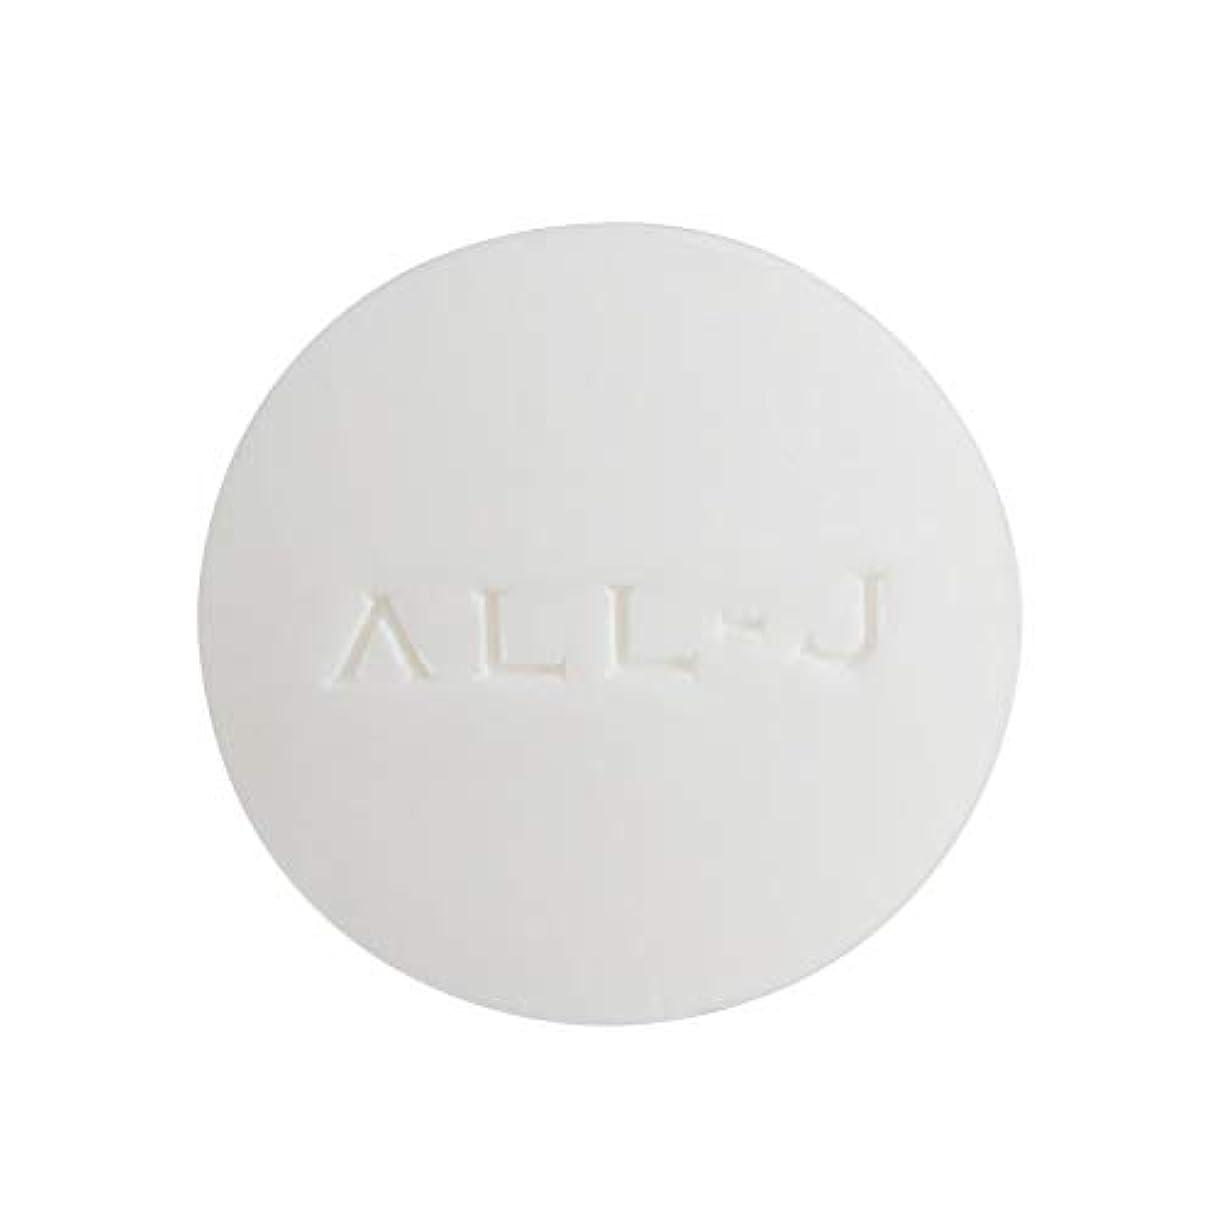 科学者化学薬品流行ALL-J (オールジェイ) 洗顔石鹸 スムースリッチスキン フェイシャルソープ 60g 黒ずみ 毛穴ケア